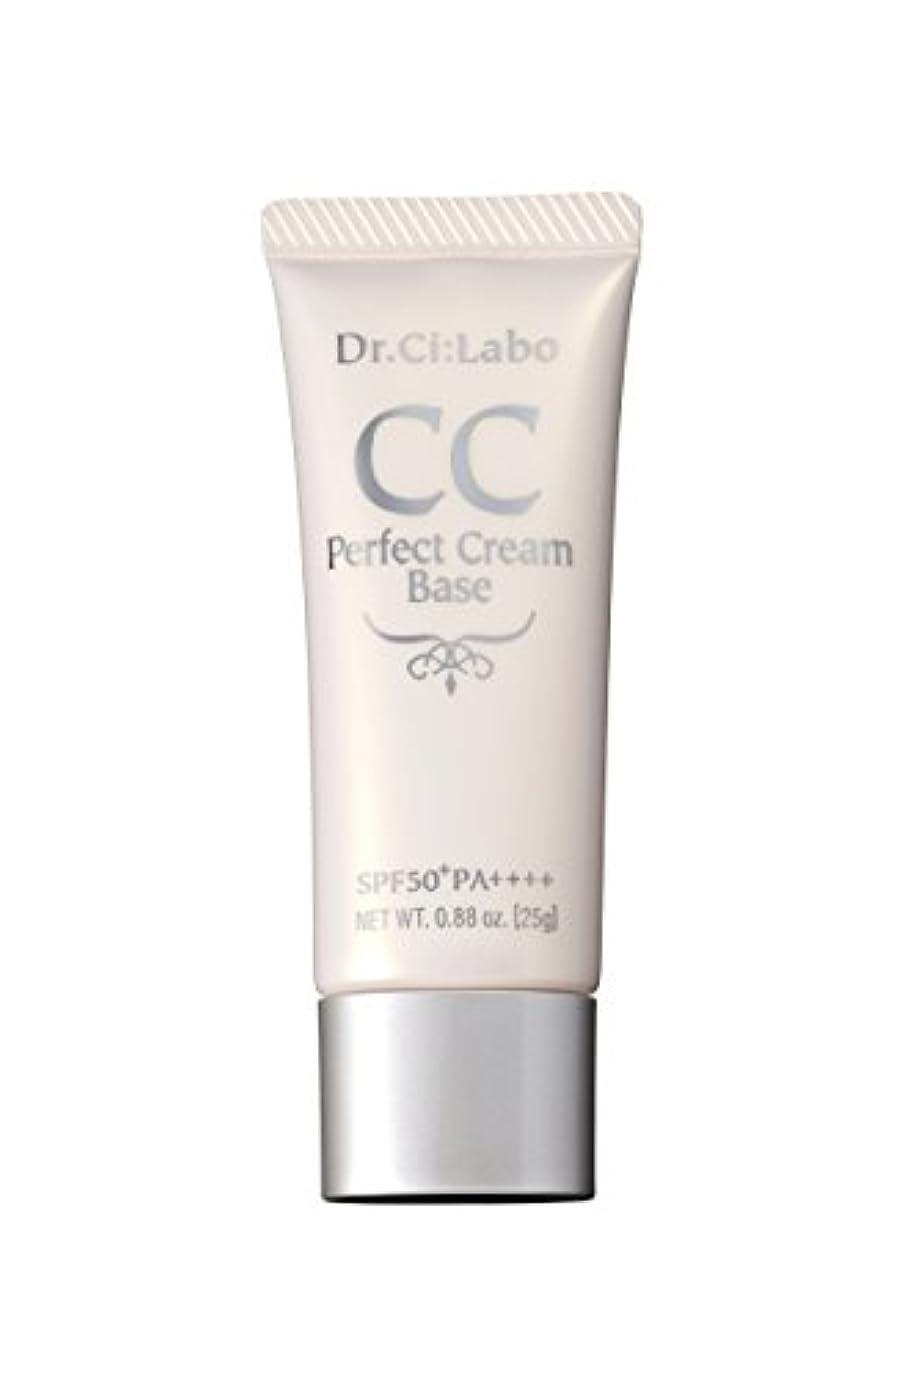 フェード狭いペダルドクターシーラボ CCパーフェクトクリーム ベース 皮脂吸着パウダー配合 日焼け止め 化粧下地 ファンデーション